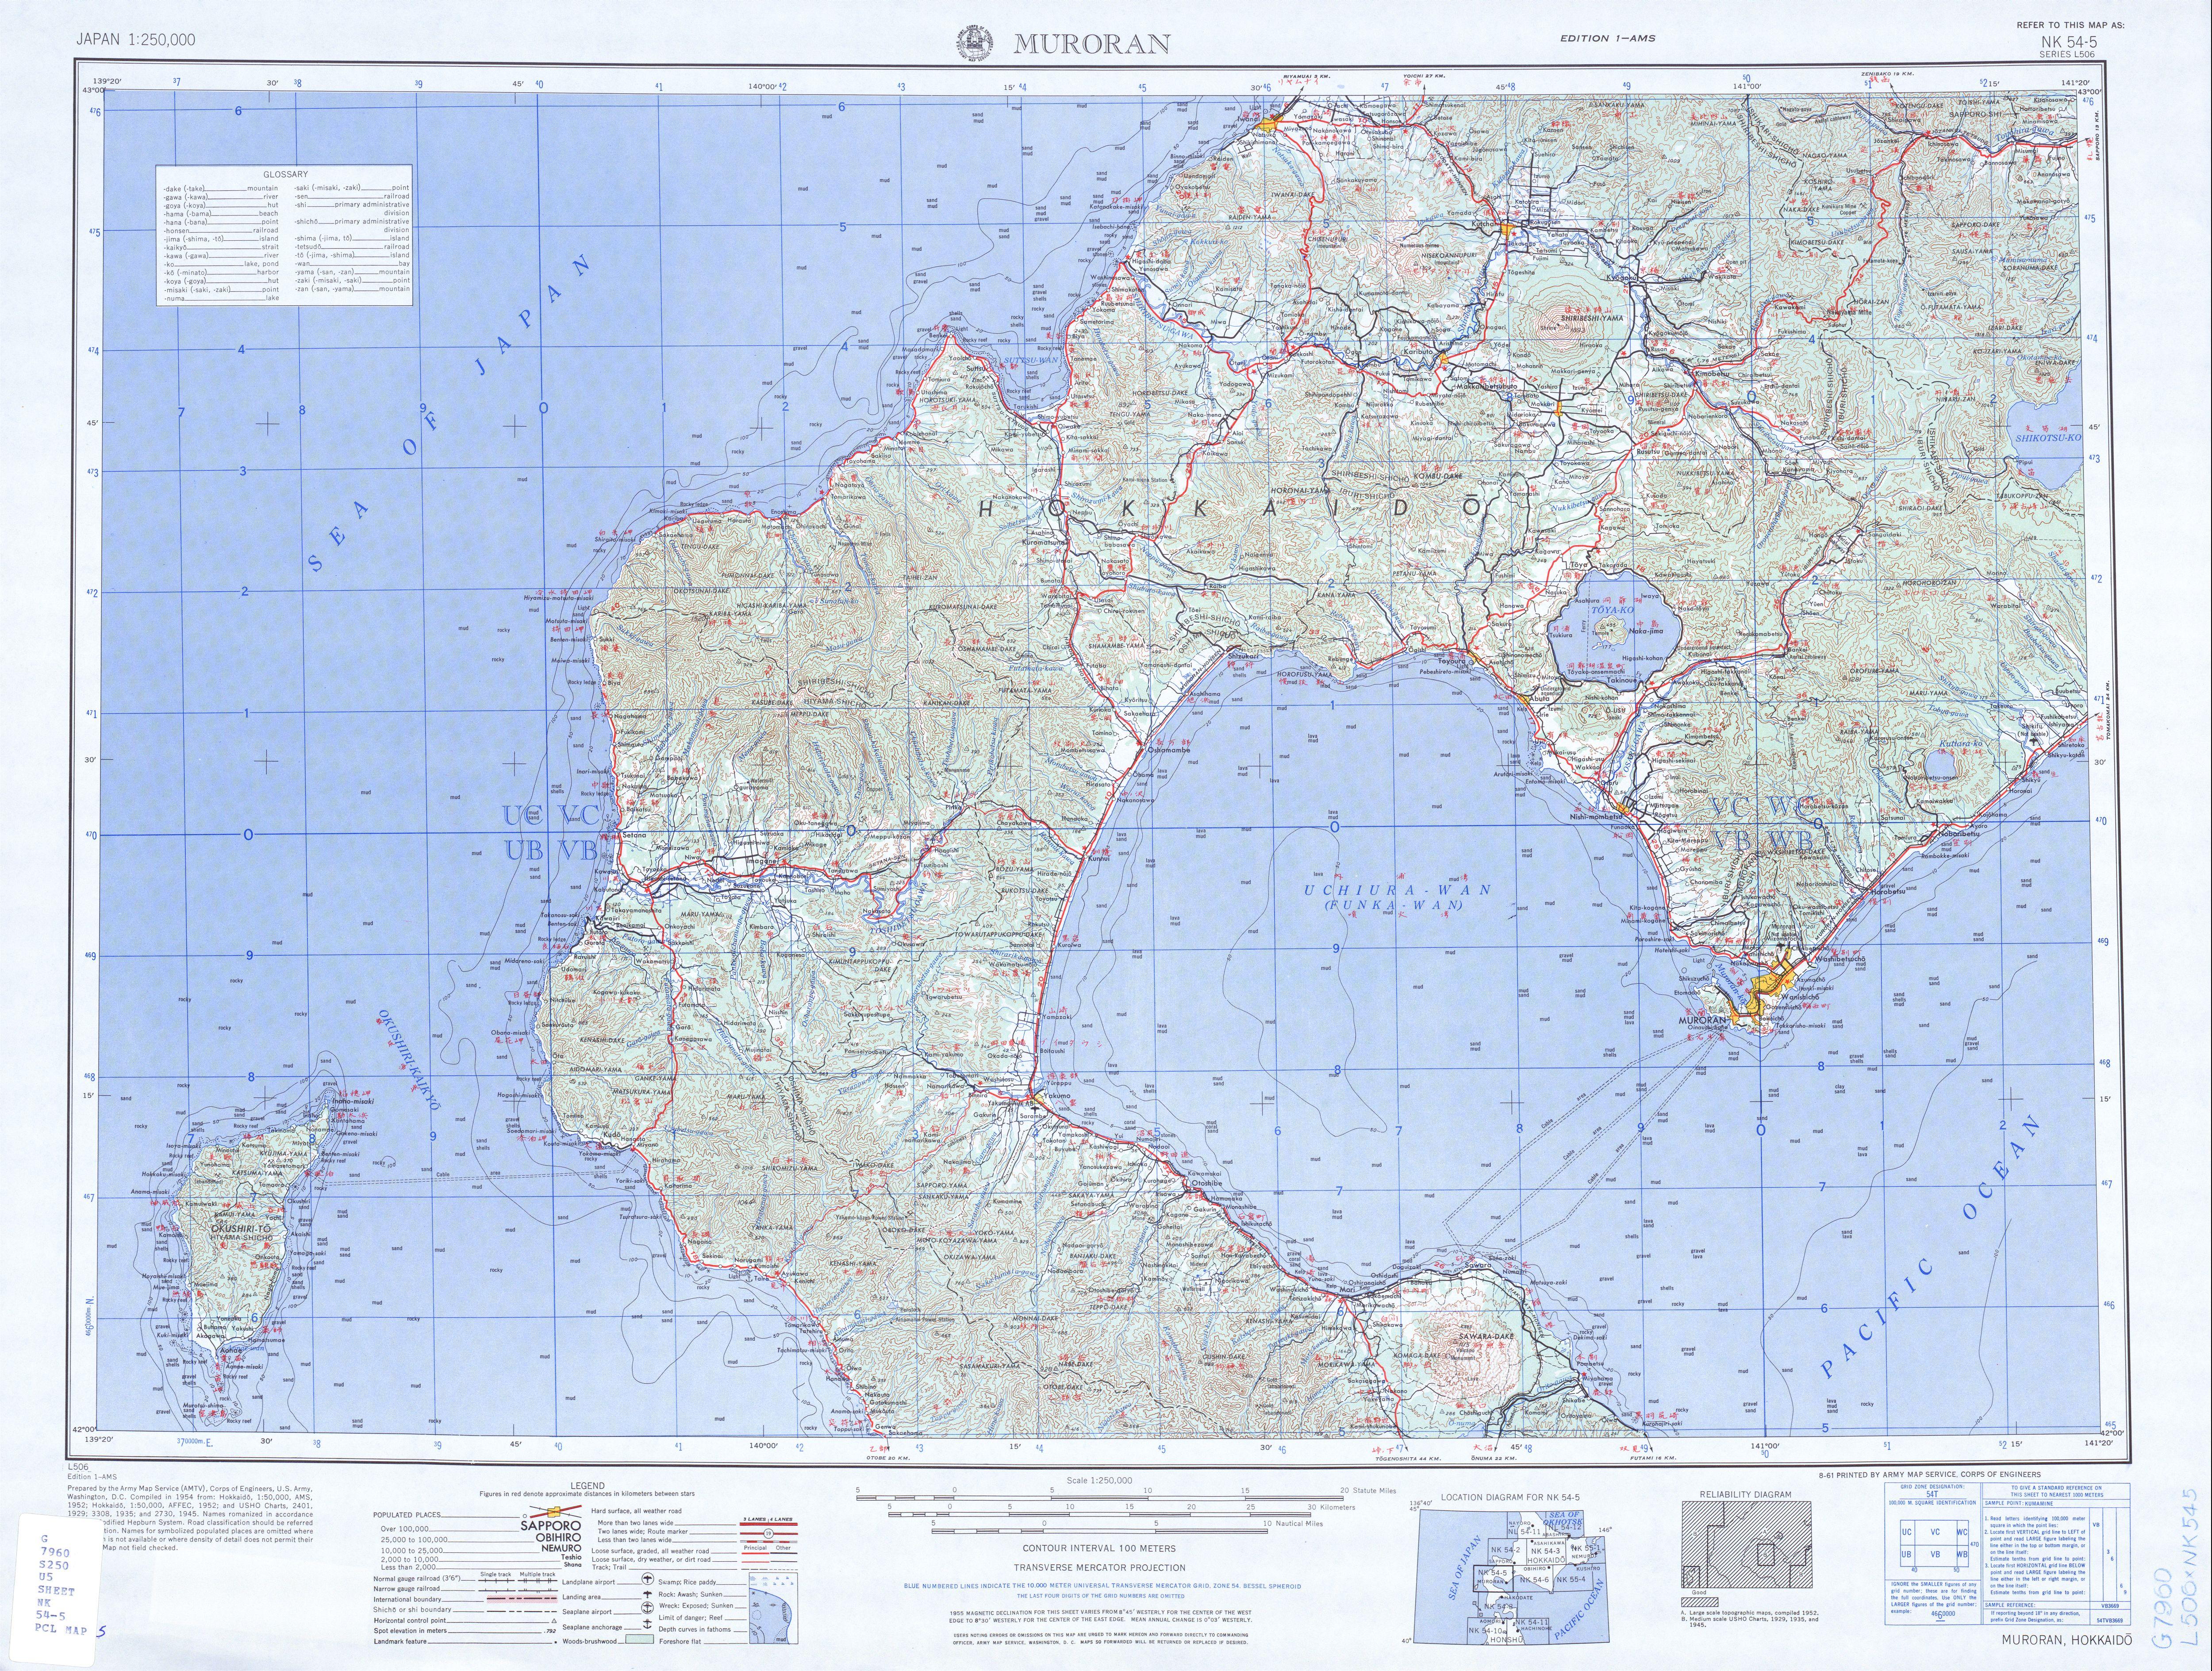 Hoja Murorán del Mapa Topográfico de Japón 1954